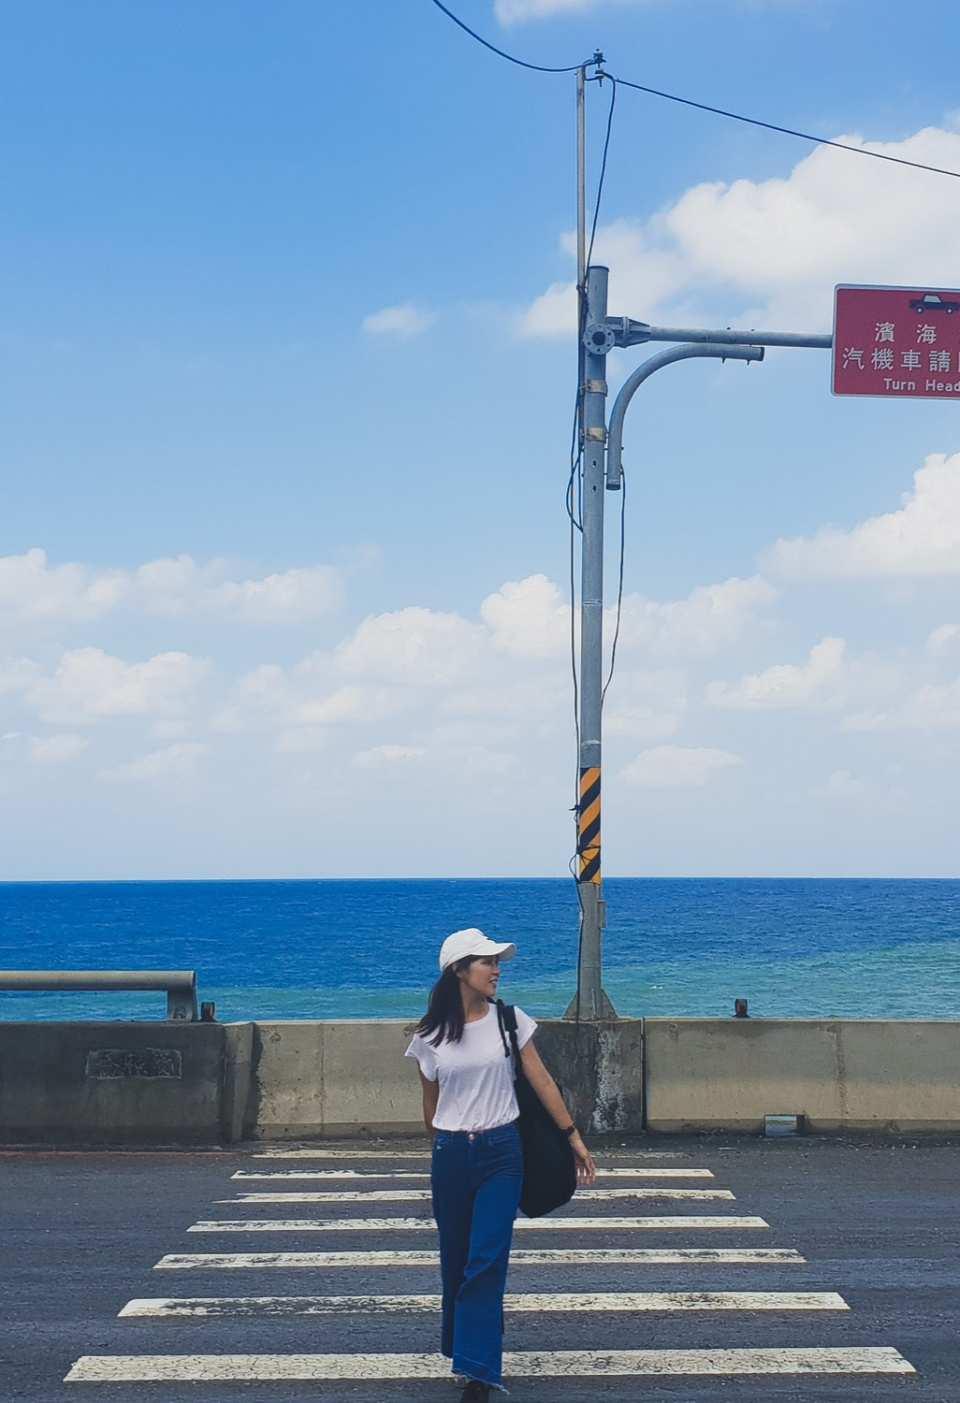 【北海岸熱門打卡景點】台北九份、陰陽海、象鼻岩、八斗子月台、潮境公園包車一日遊